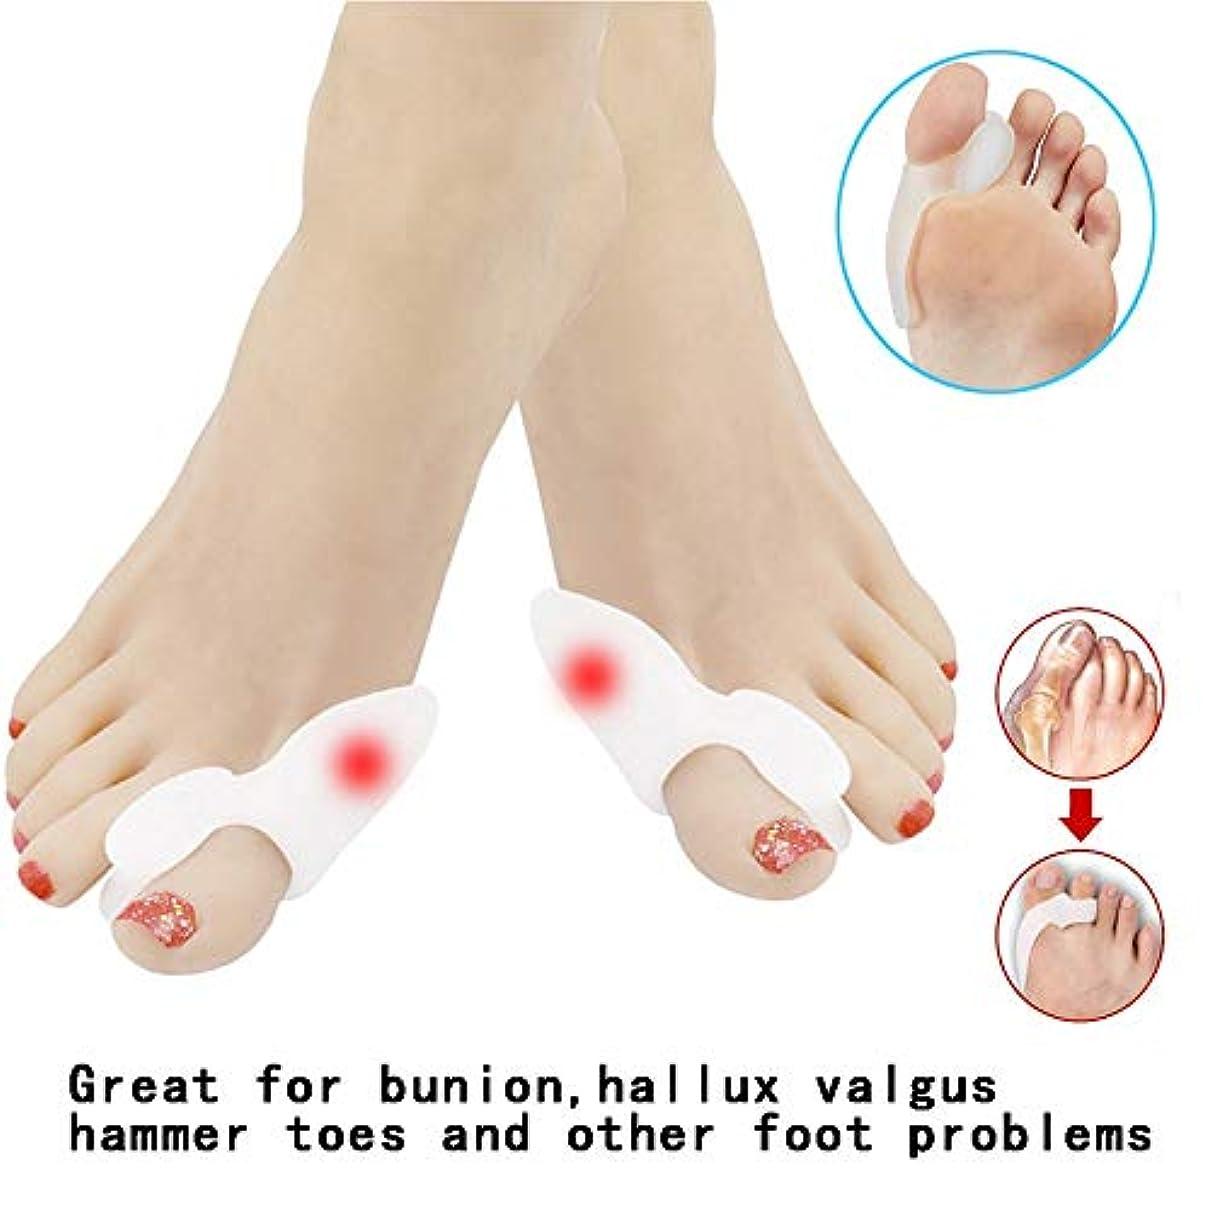 1対のバニオンガードバニオンコレクター、ソフトシリコンクッション、女性の男性、ランナー、ダンサーのための、曲がったつま先、圧力、および母ux腱膜からの痛みの軽減。 (白)